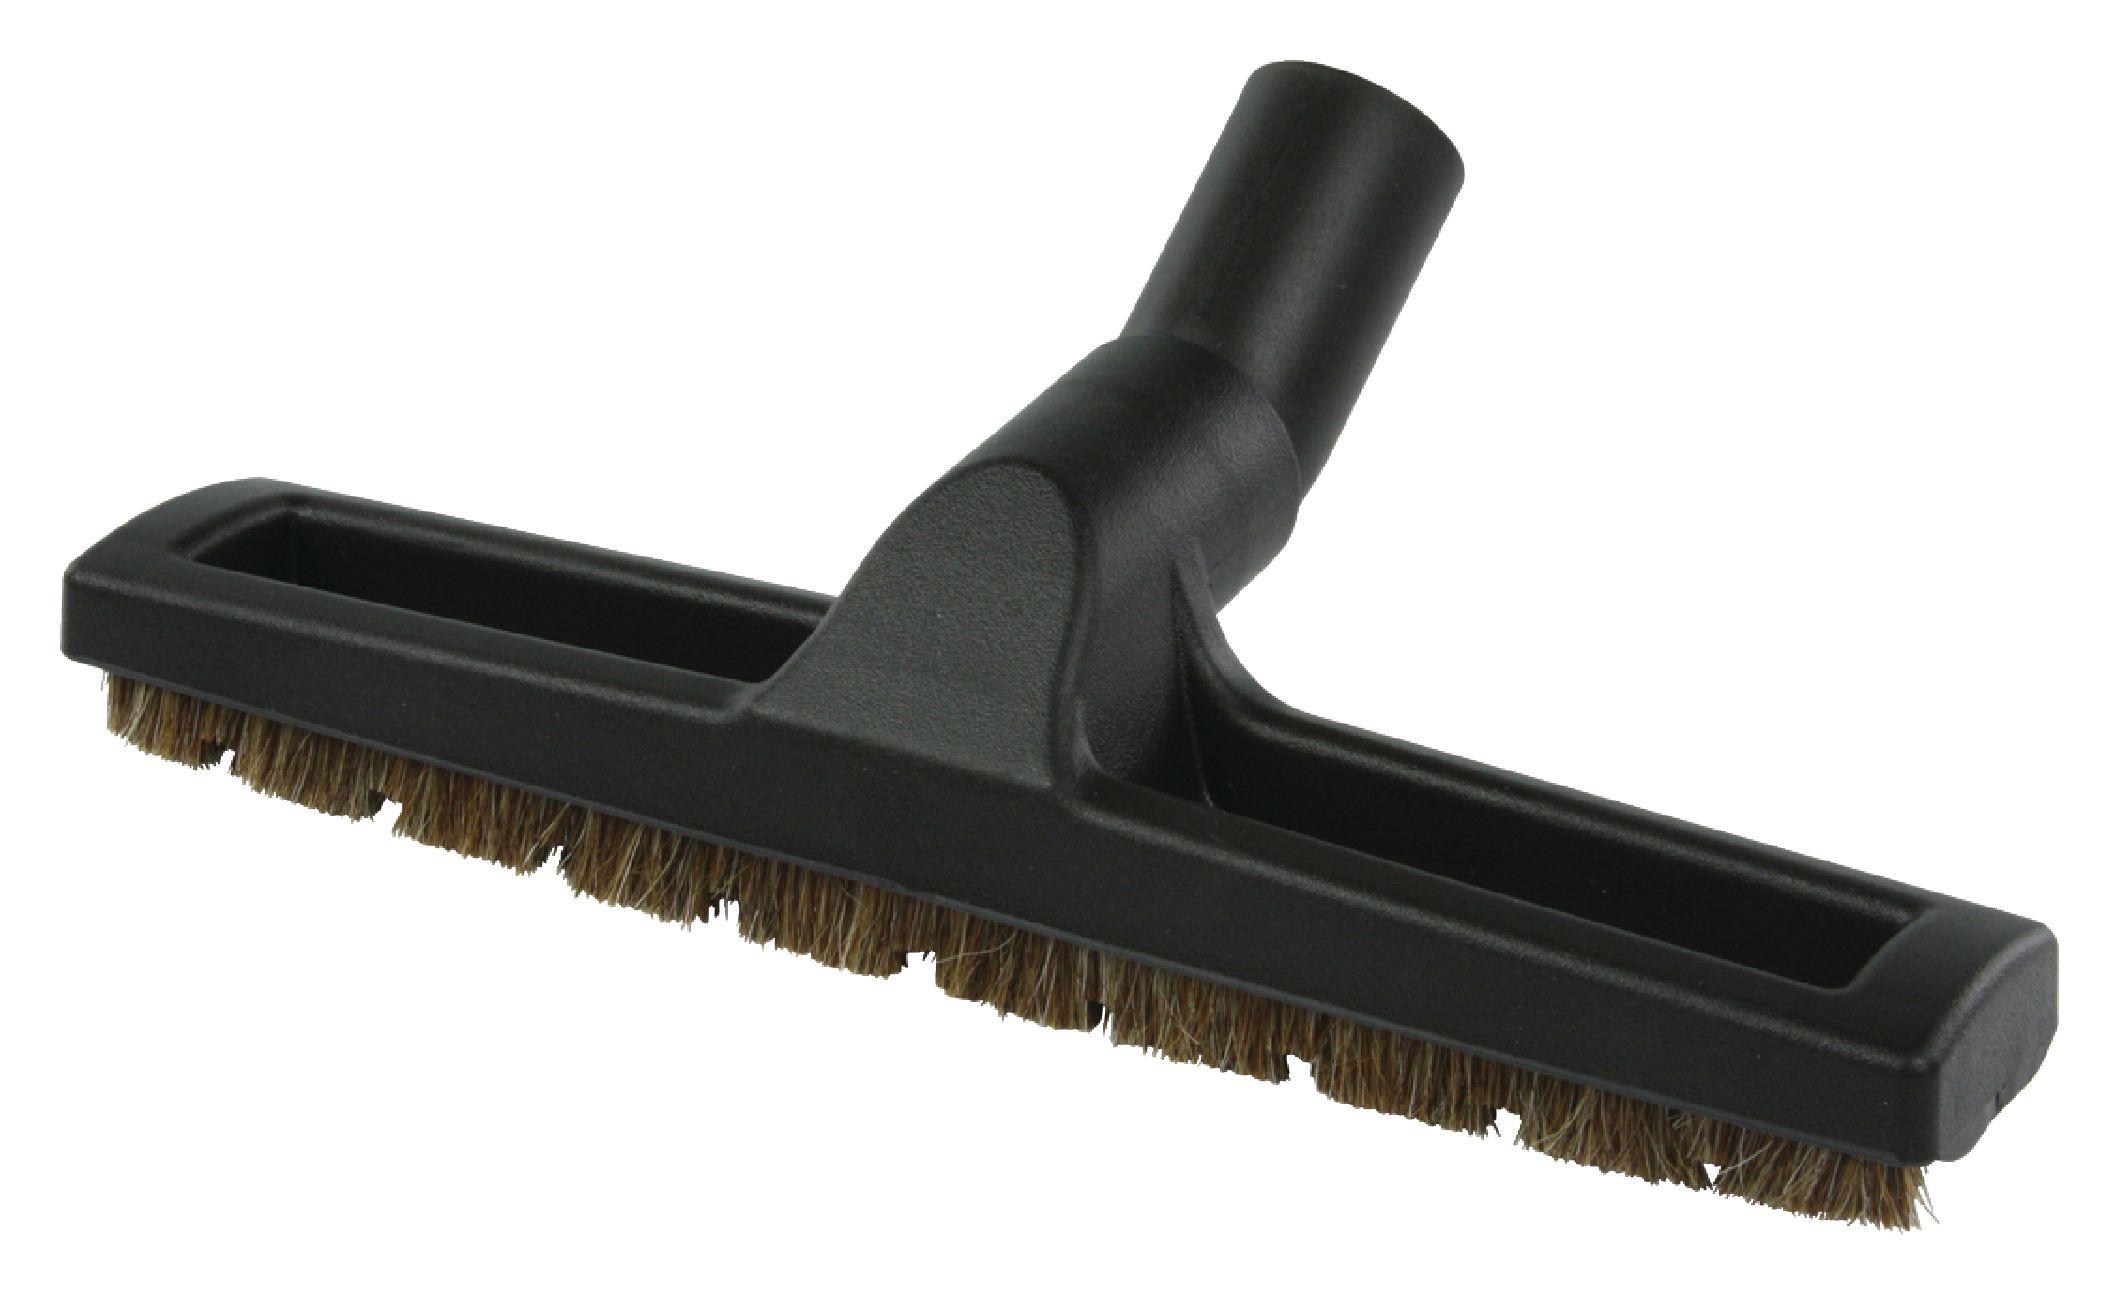 Parketová podlahová hubice s přírodními štětinami, průměr 32 mm